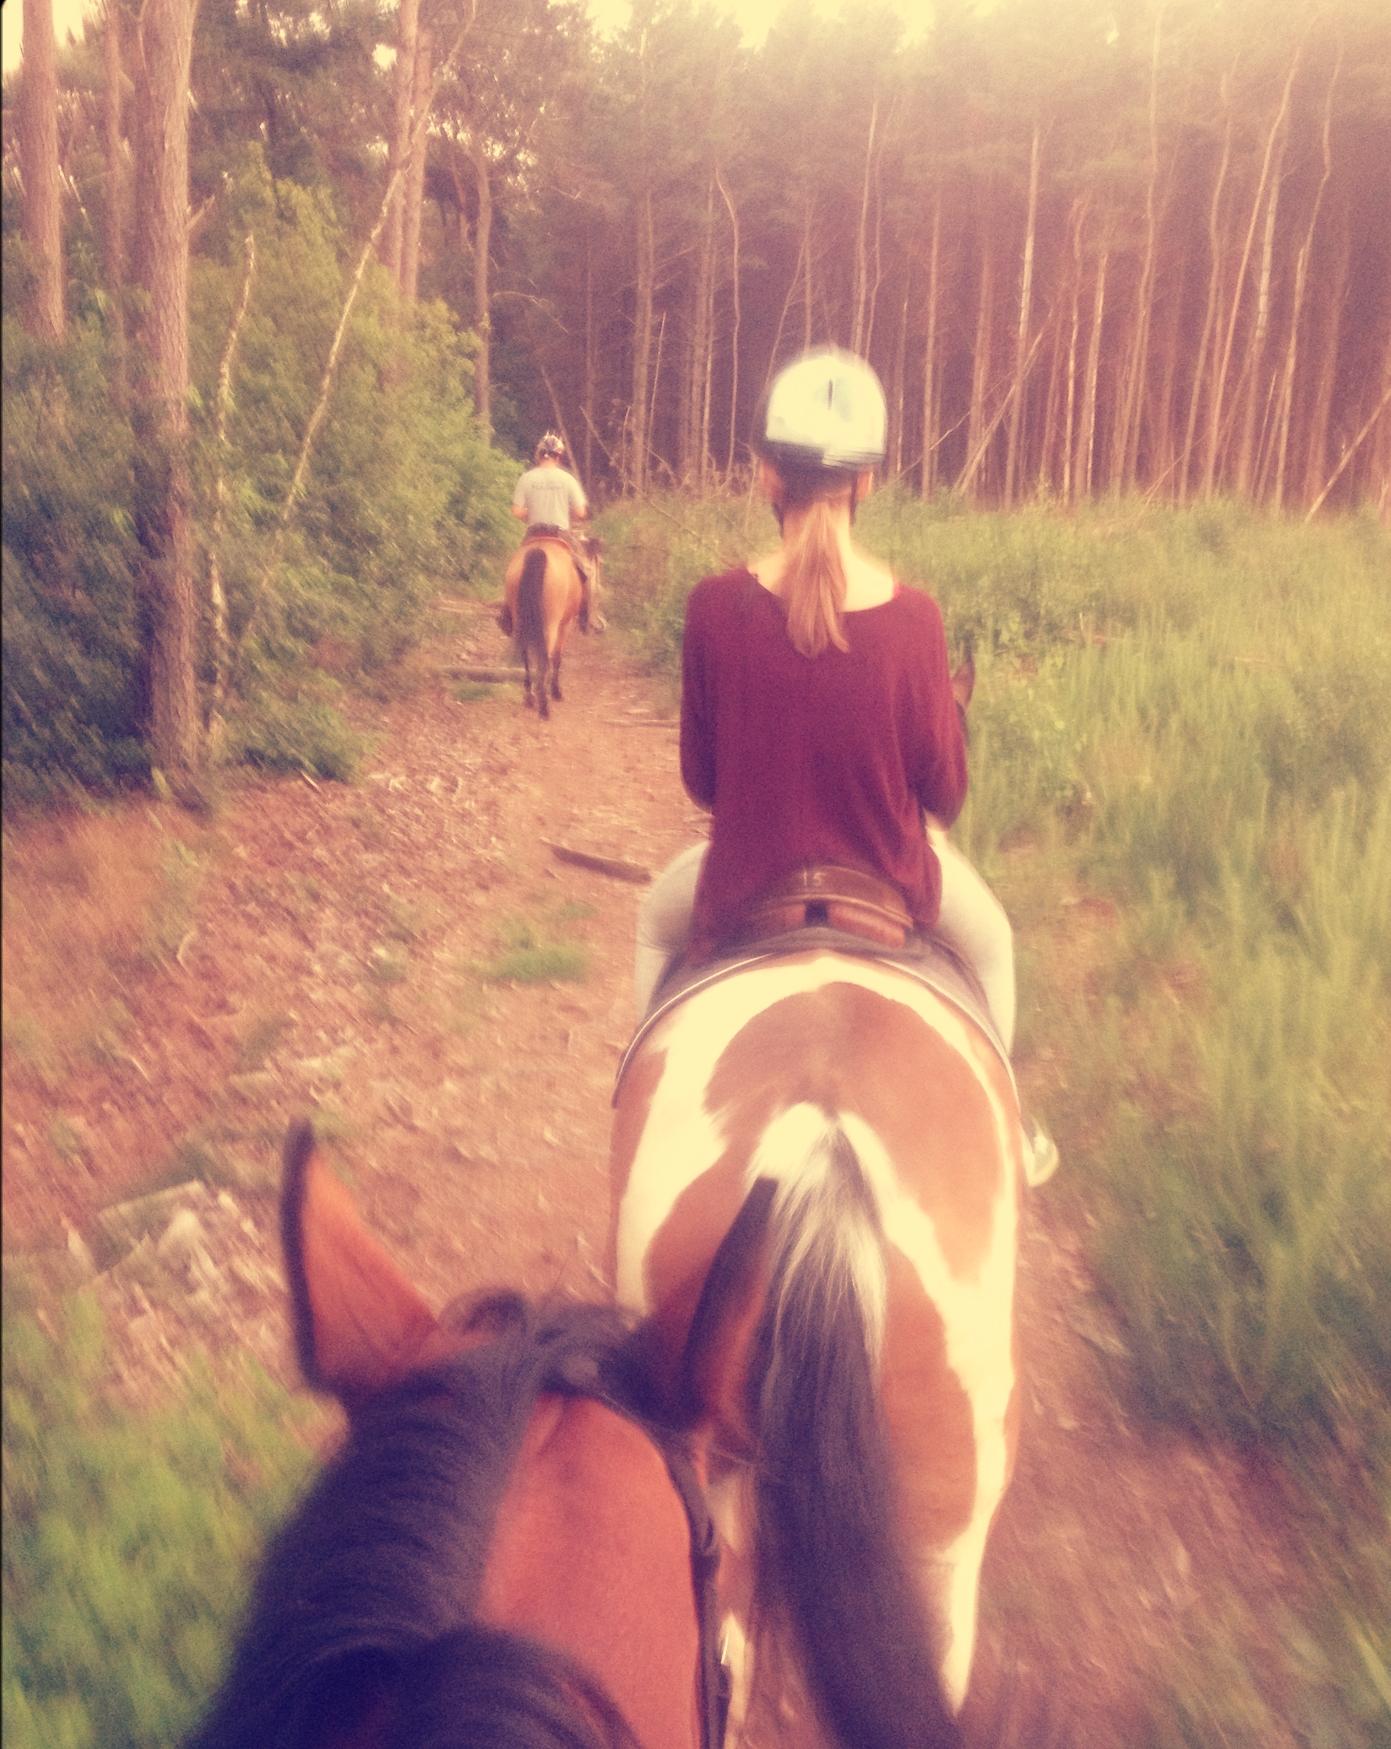 Nikki te paard door de bossen